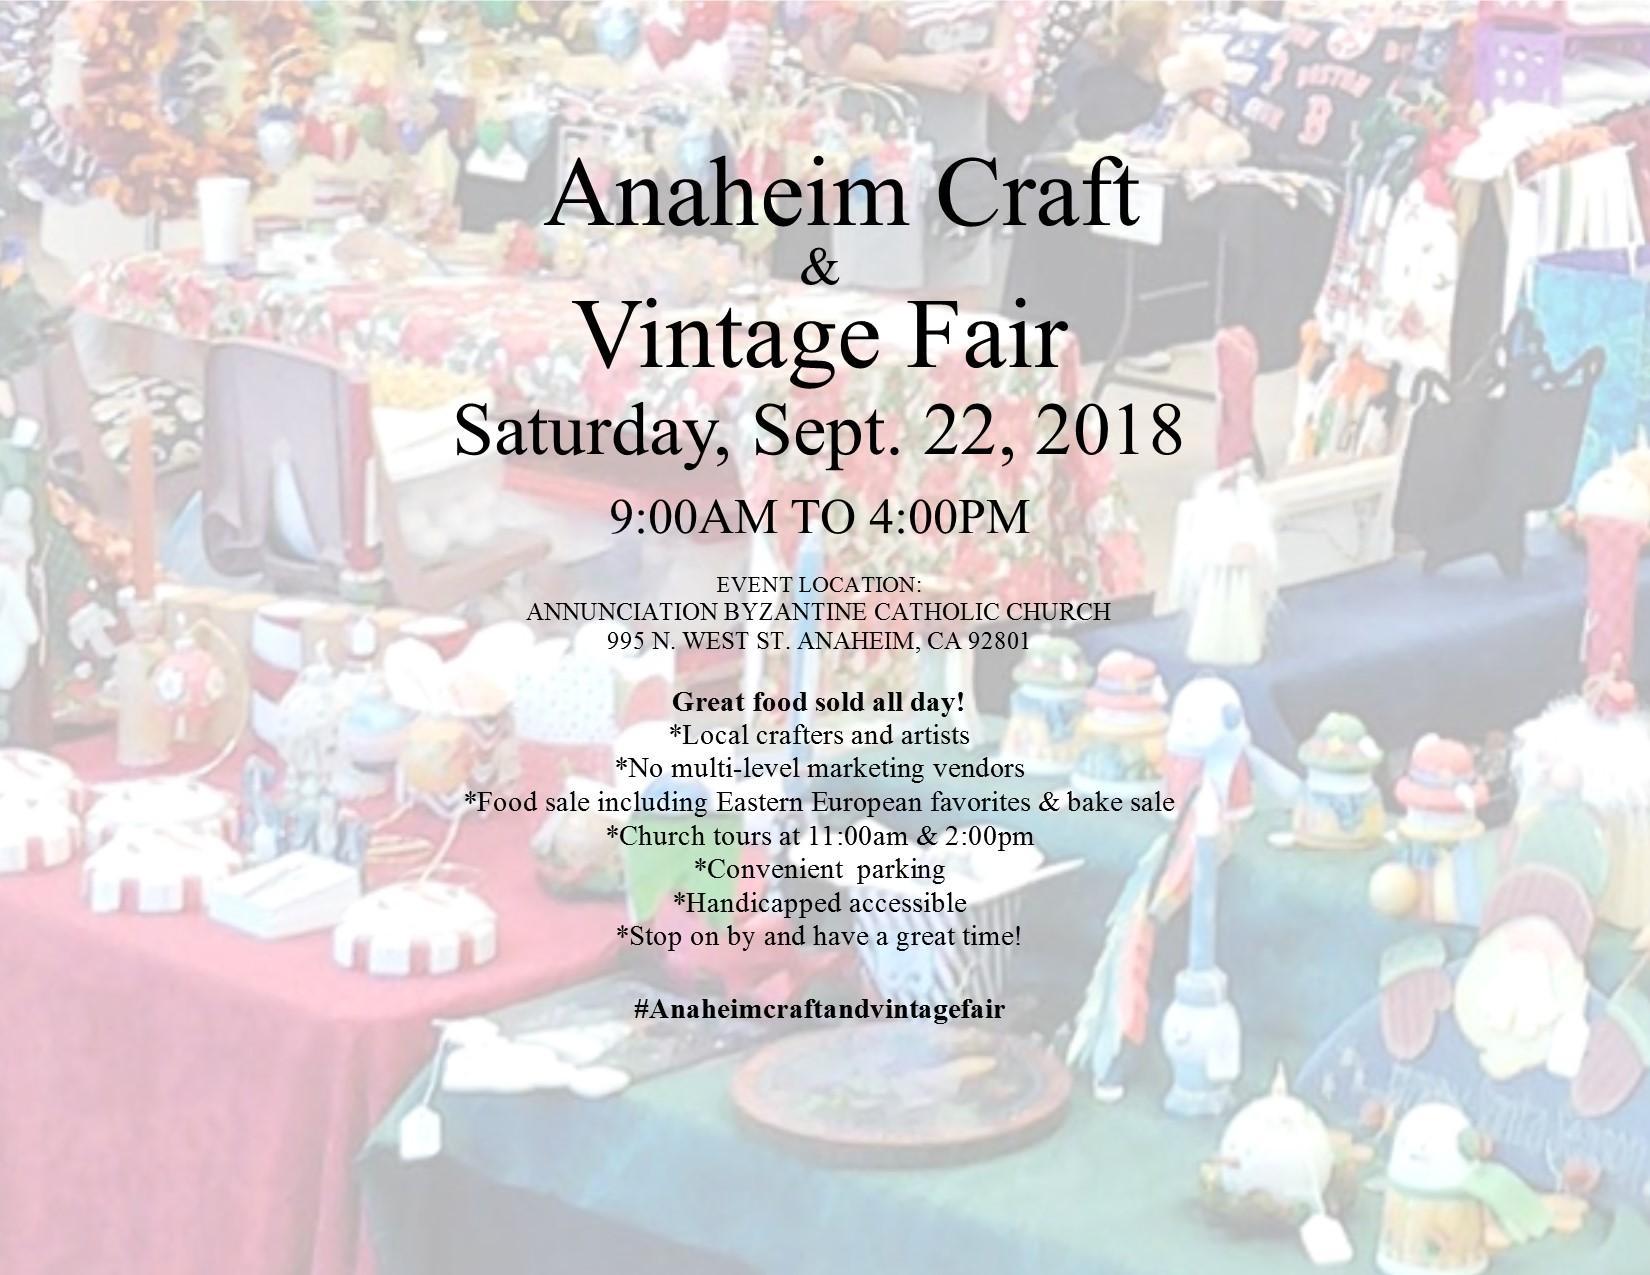 Anaheim Craft & Vintage Fair